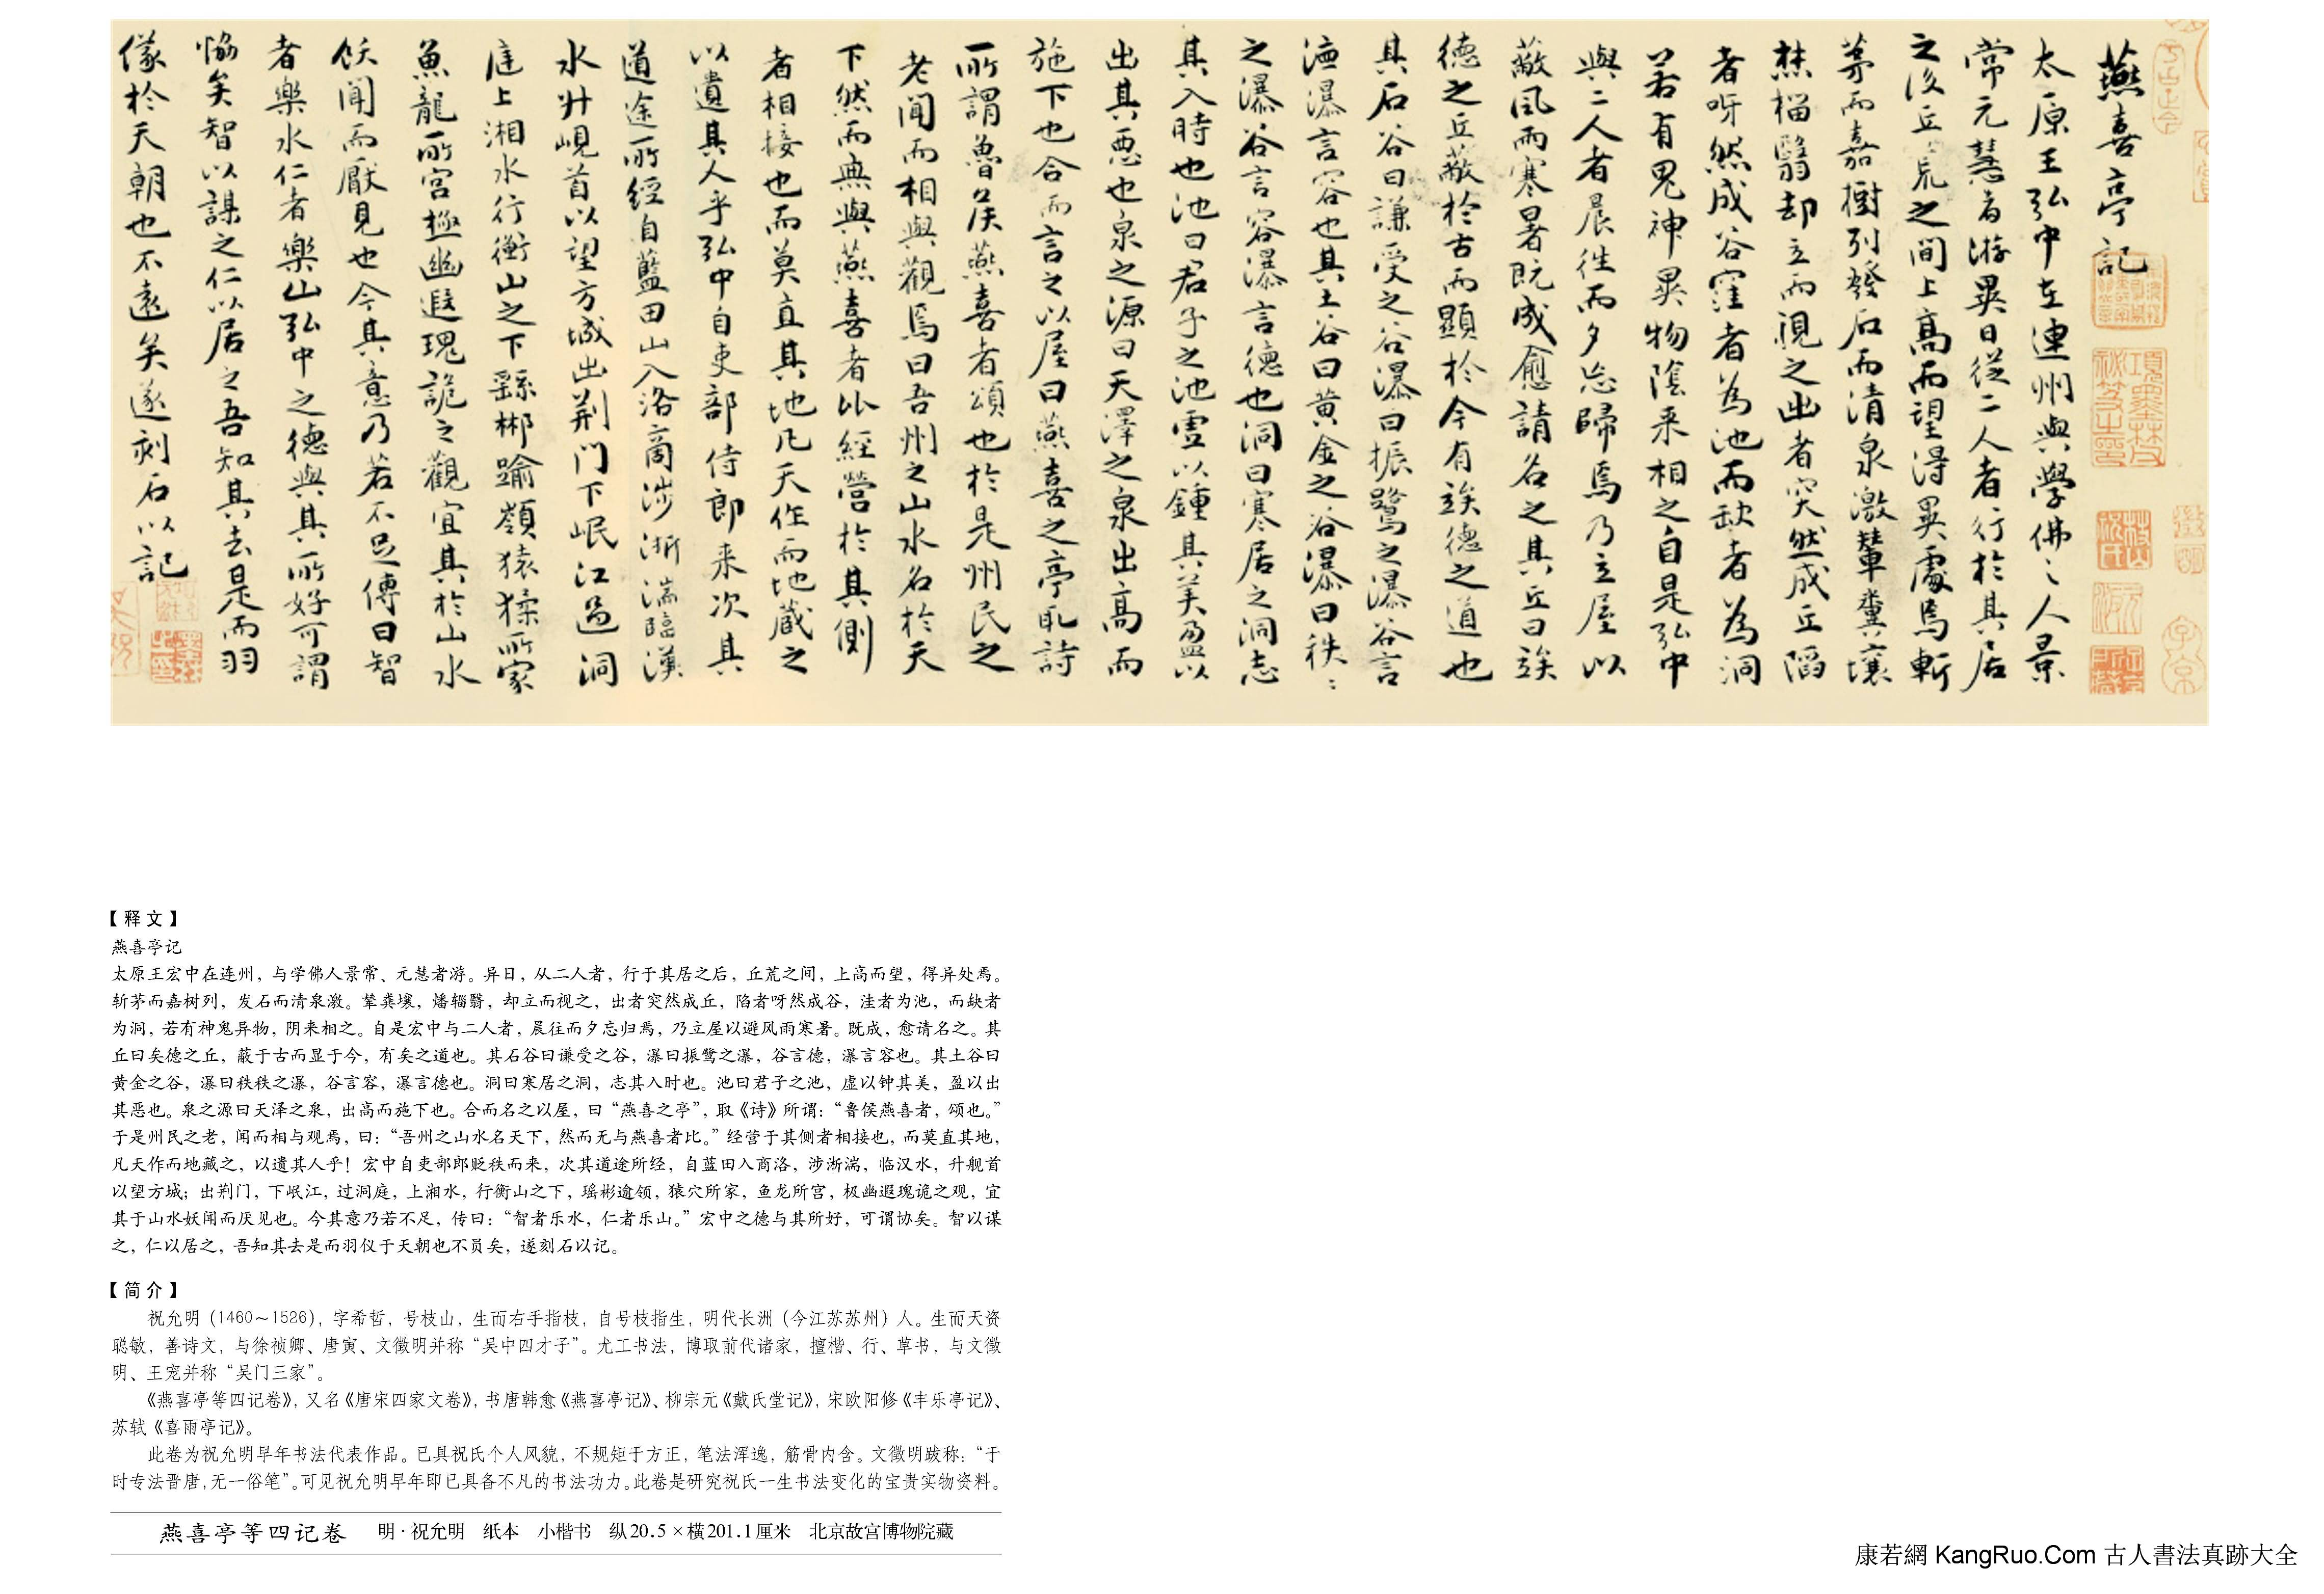 《燕喜亭等四記卷》書法真跡(小楷)【明朝·祝允明】_00109